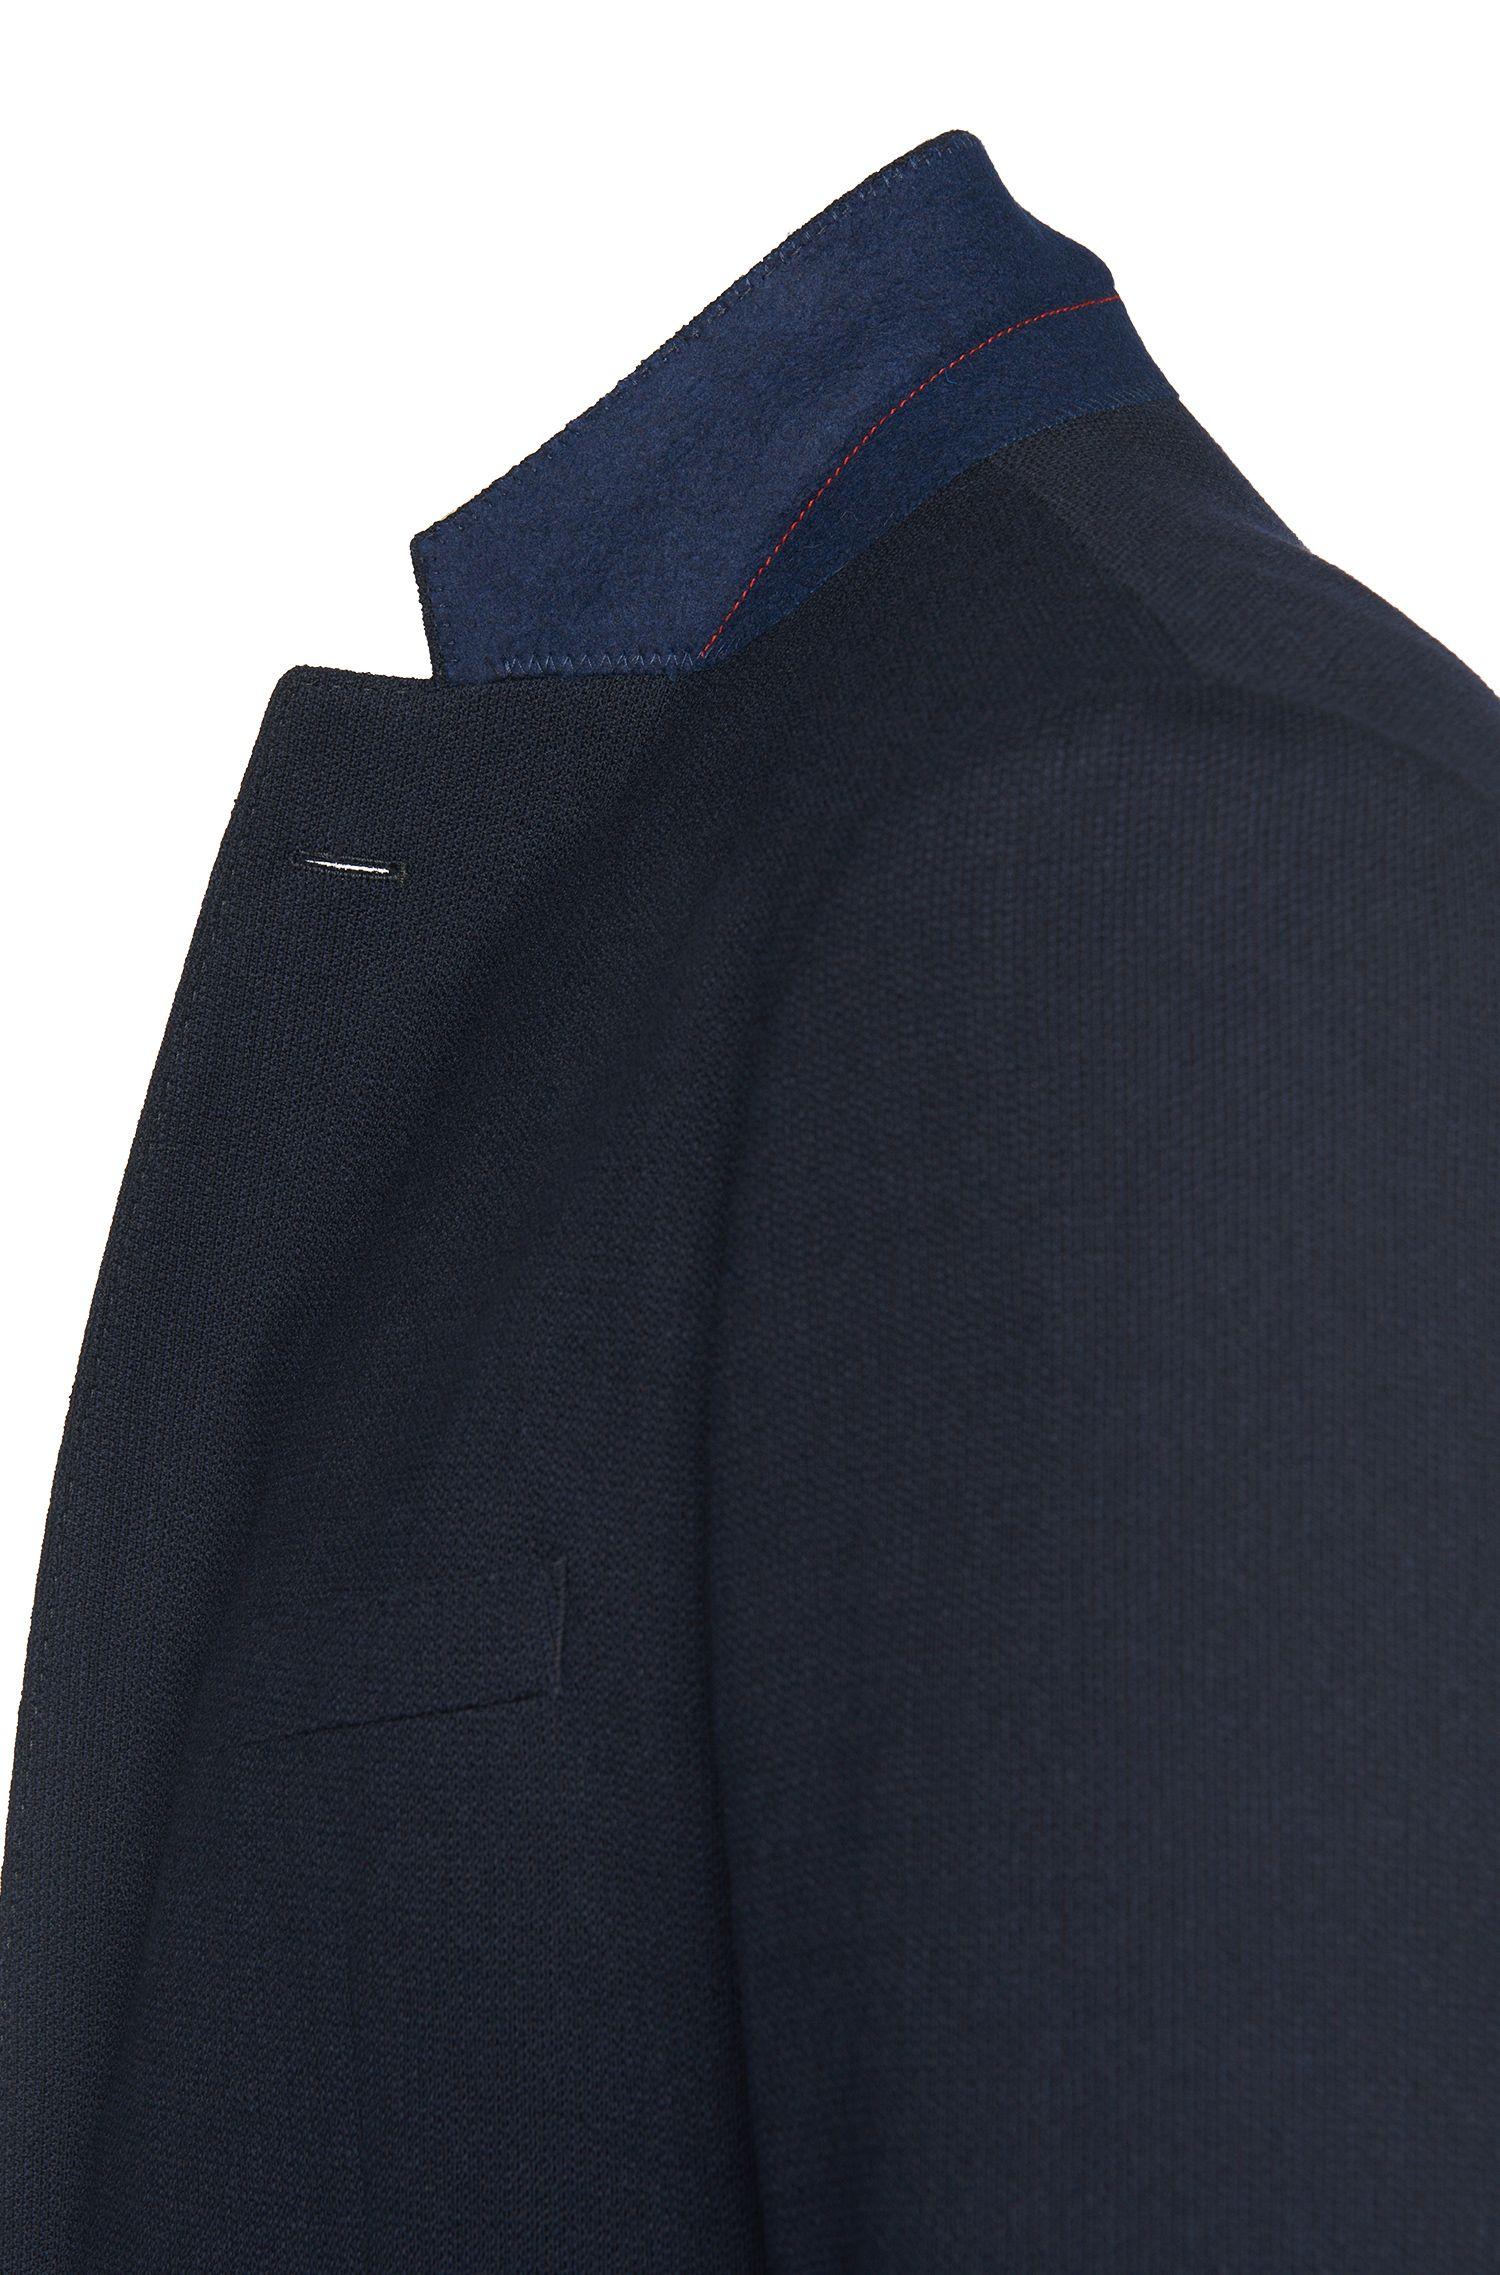 Regular-Fit Sakko aus Stretch-Schurwolle mit aufgesetzten Taschen: 'C-Jario'